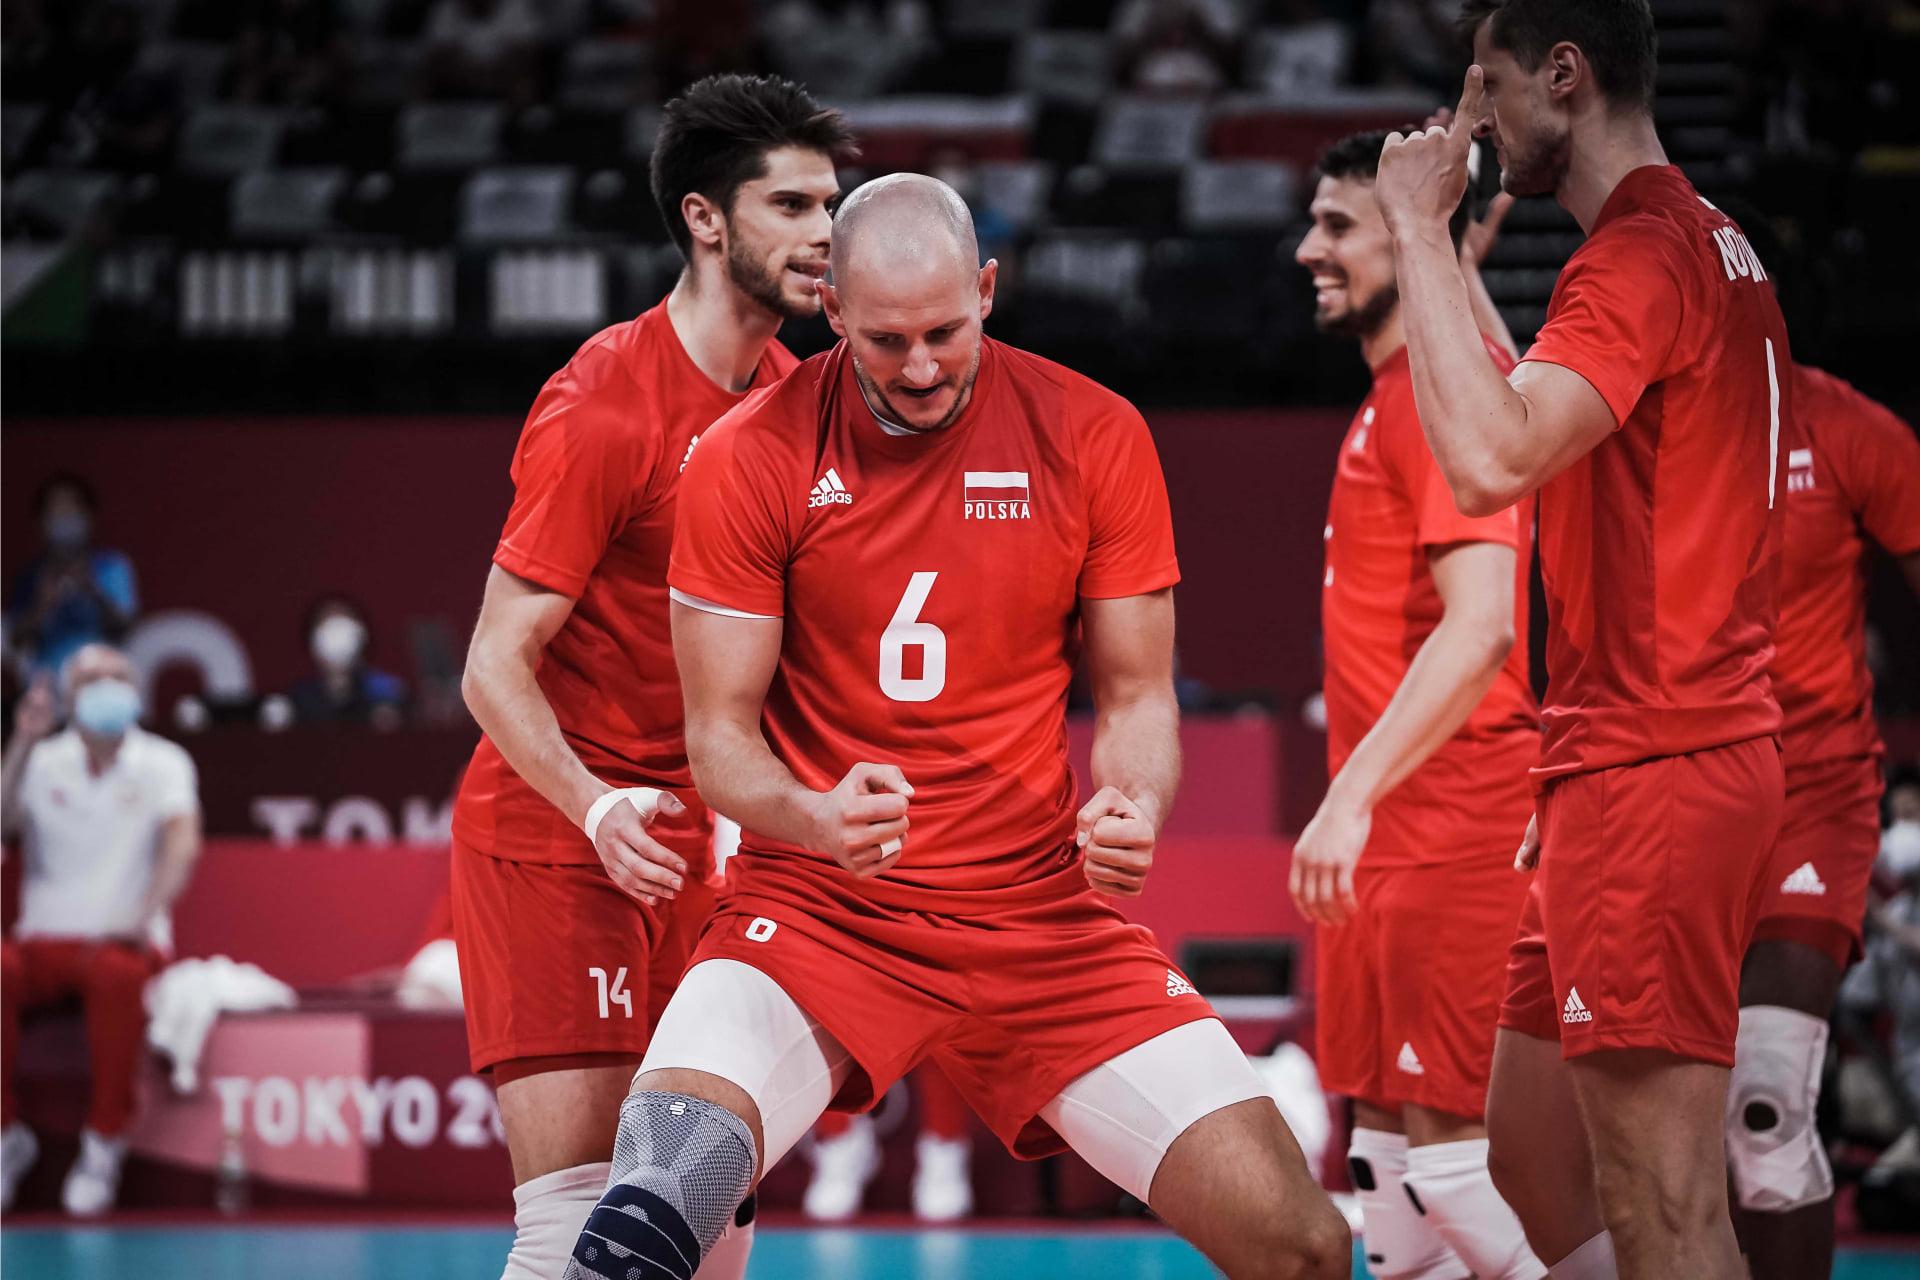 Tokio: Polscy siatkarze pokonali Włochów 3:0 w swoim drugim meczu turnieju olimpijskiego